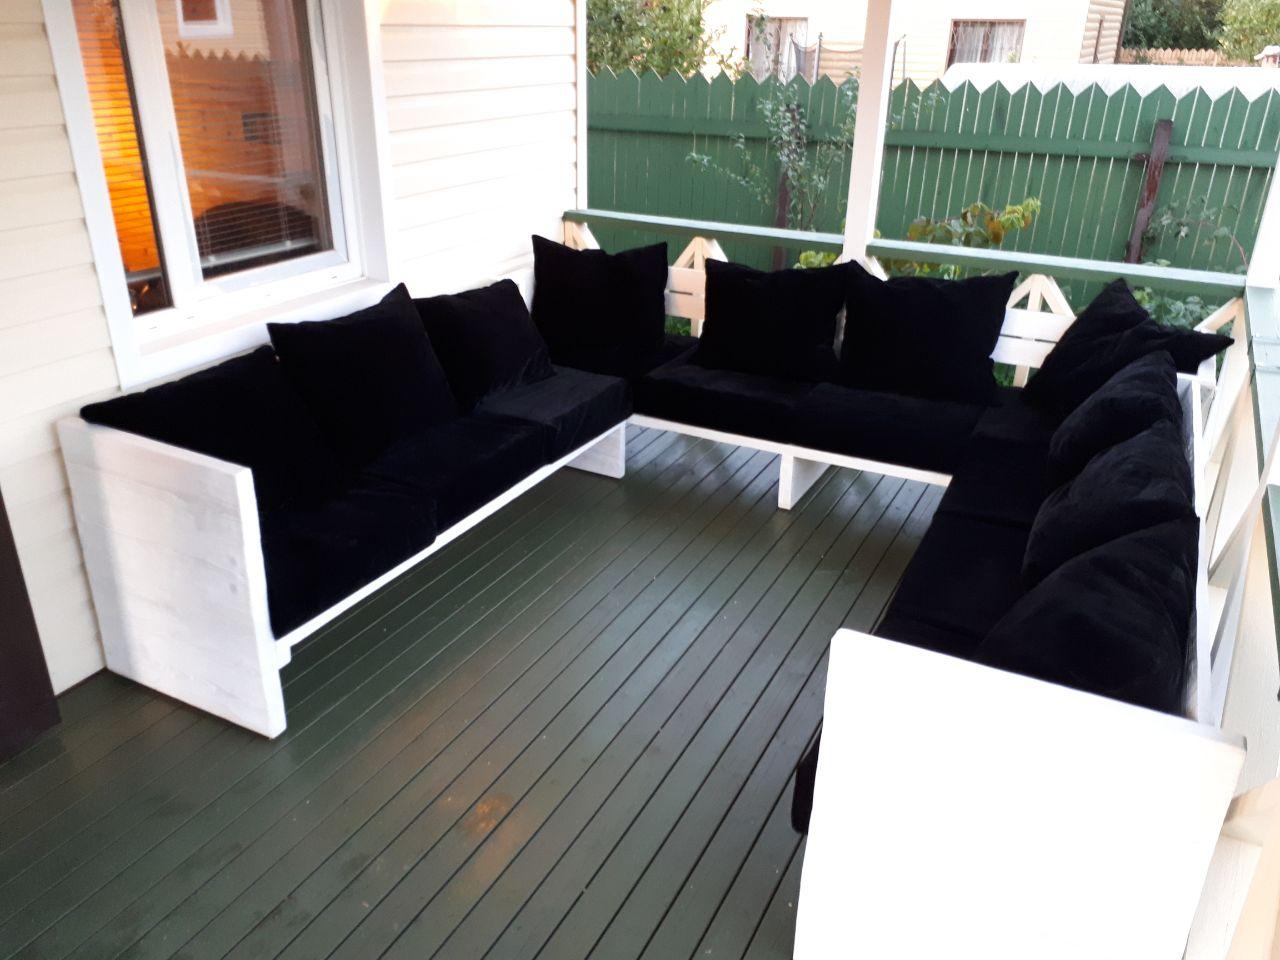 Простенький раздвижной диван на веранду 3в1 с брашировкой.